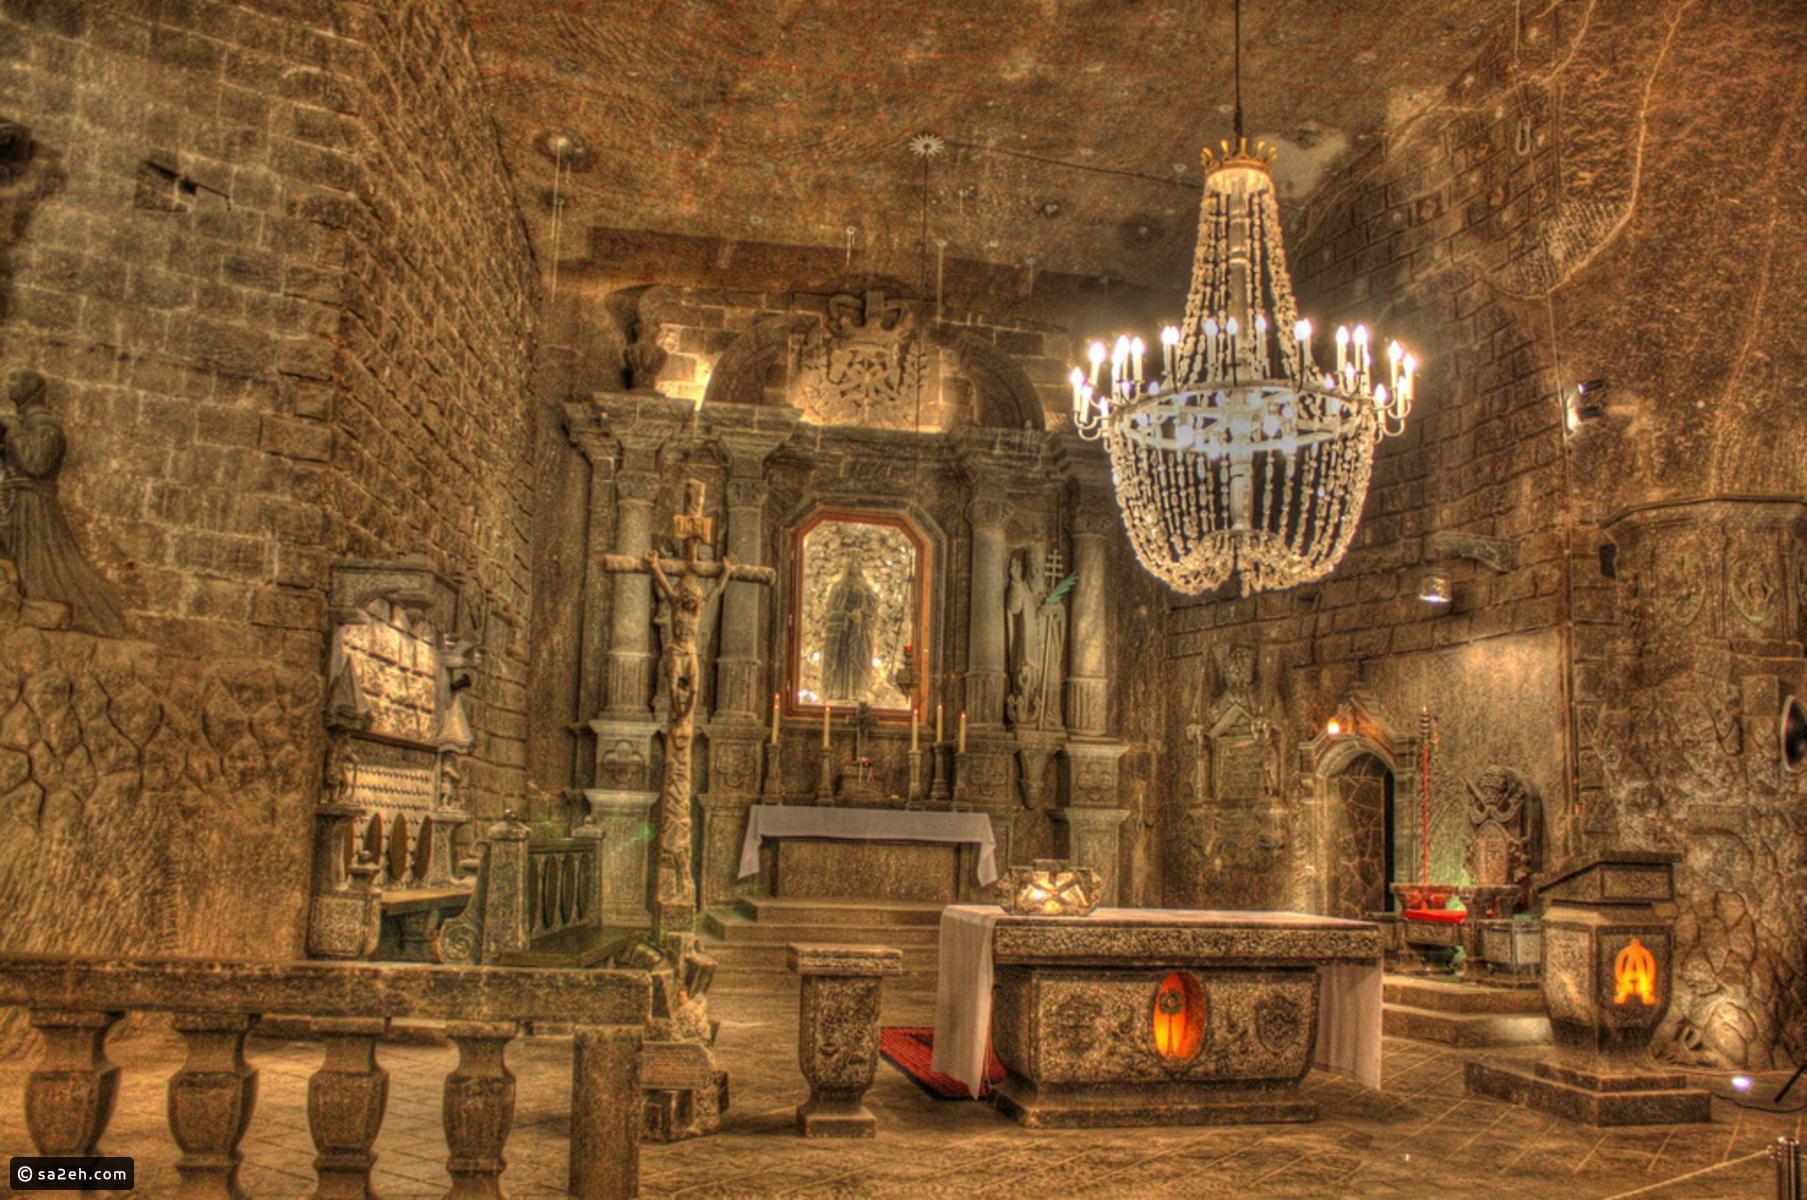 هل سمعتم عن قصر الملح؟ إليكم معلومات شيقة وصور عنه